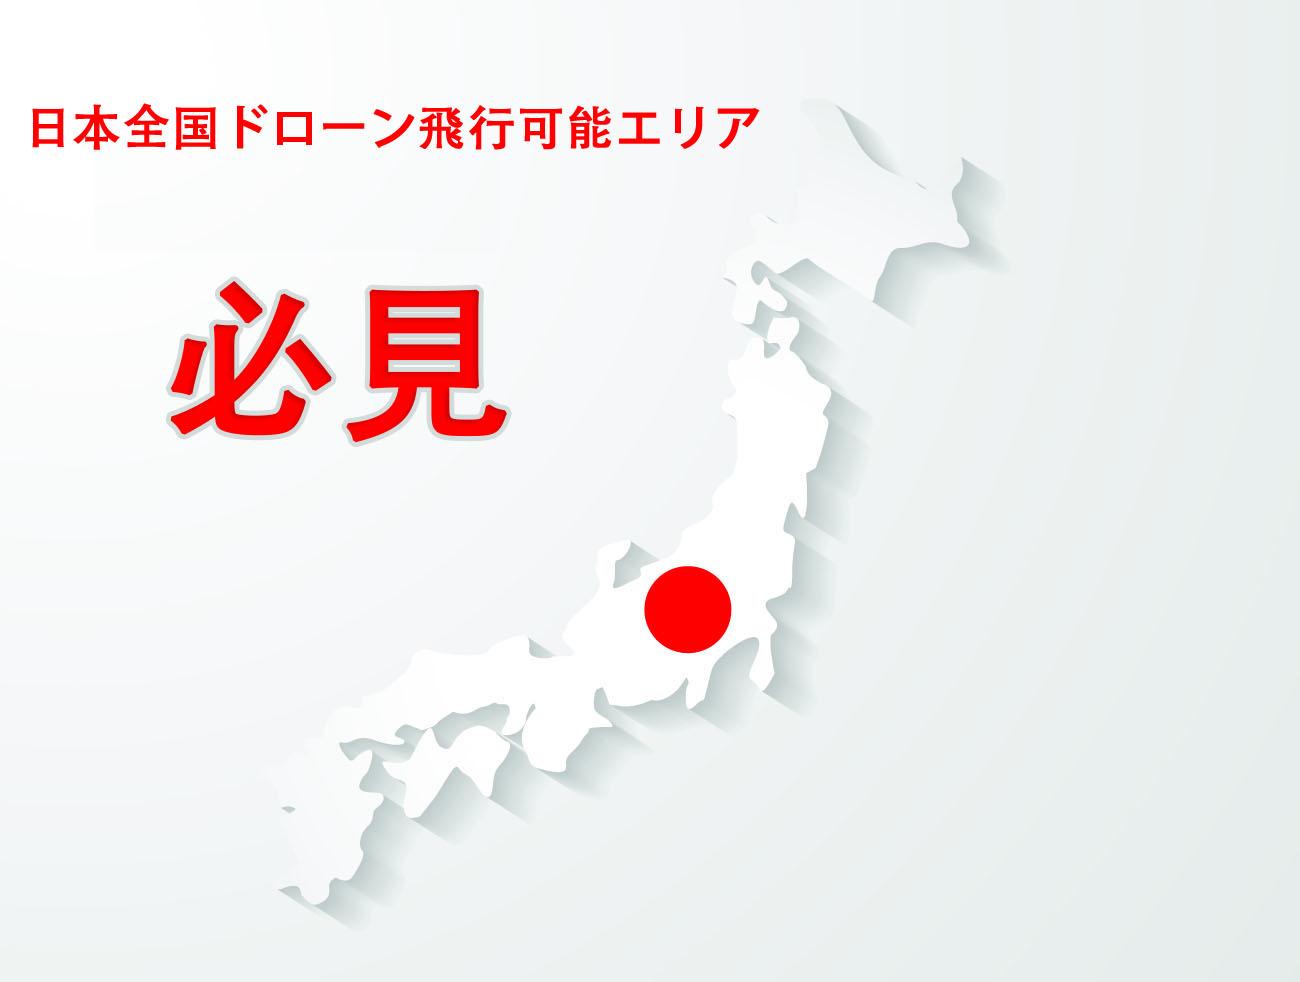 日本全国ドローン飛行可能エリア